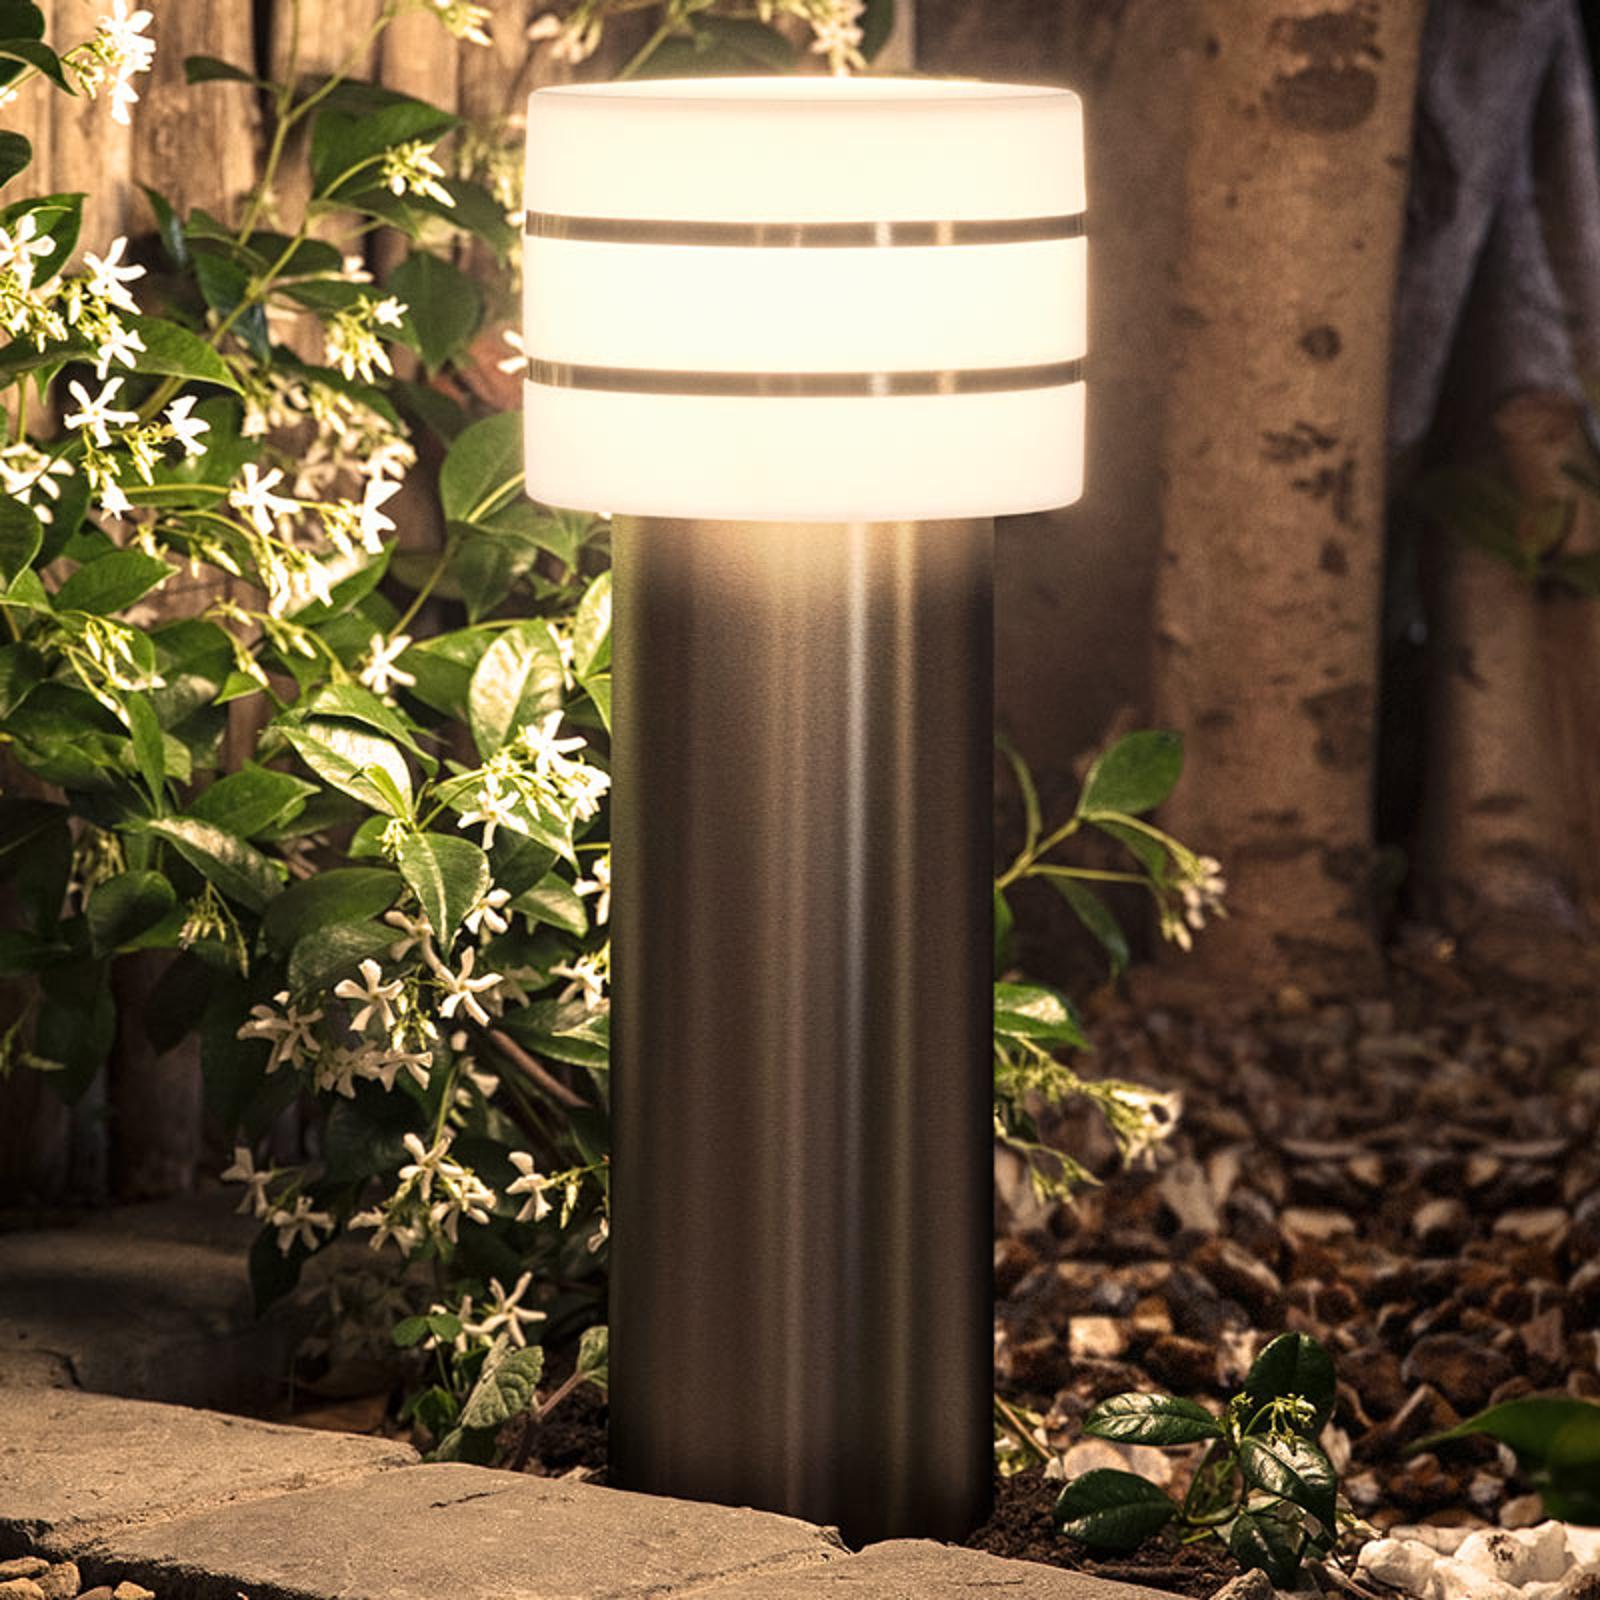 Philips Hue White Tuar LED-Sockelleuchte steuerbar